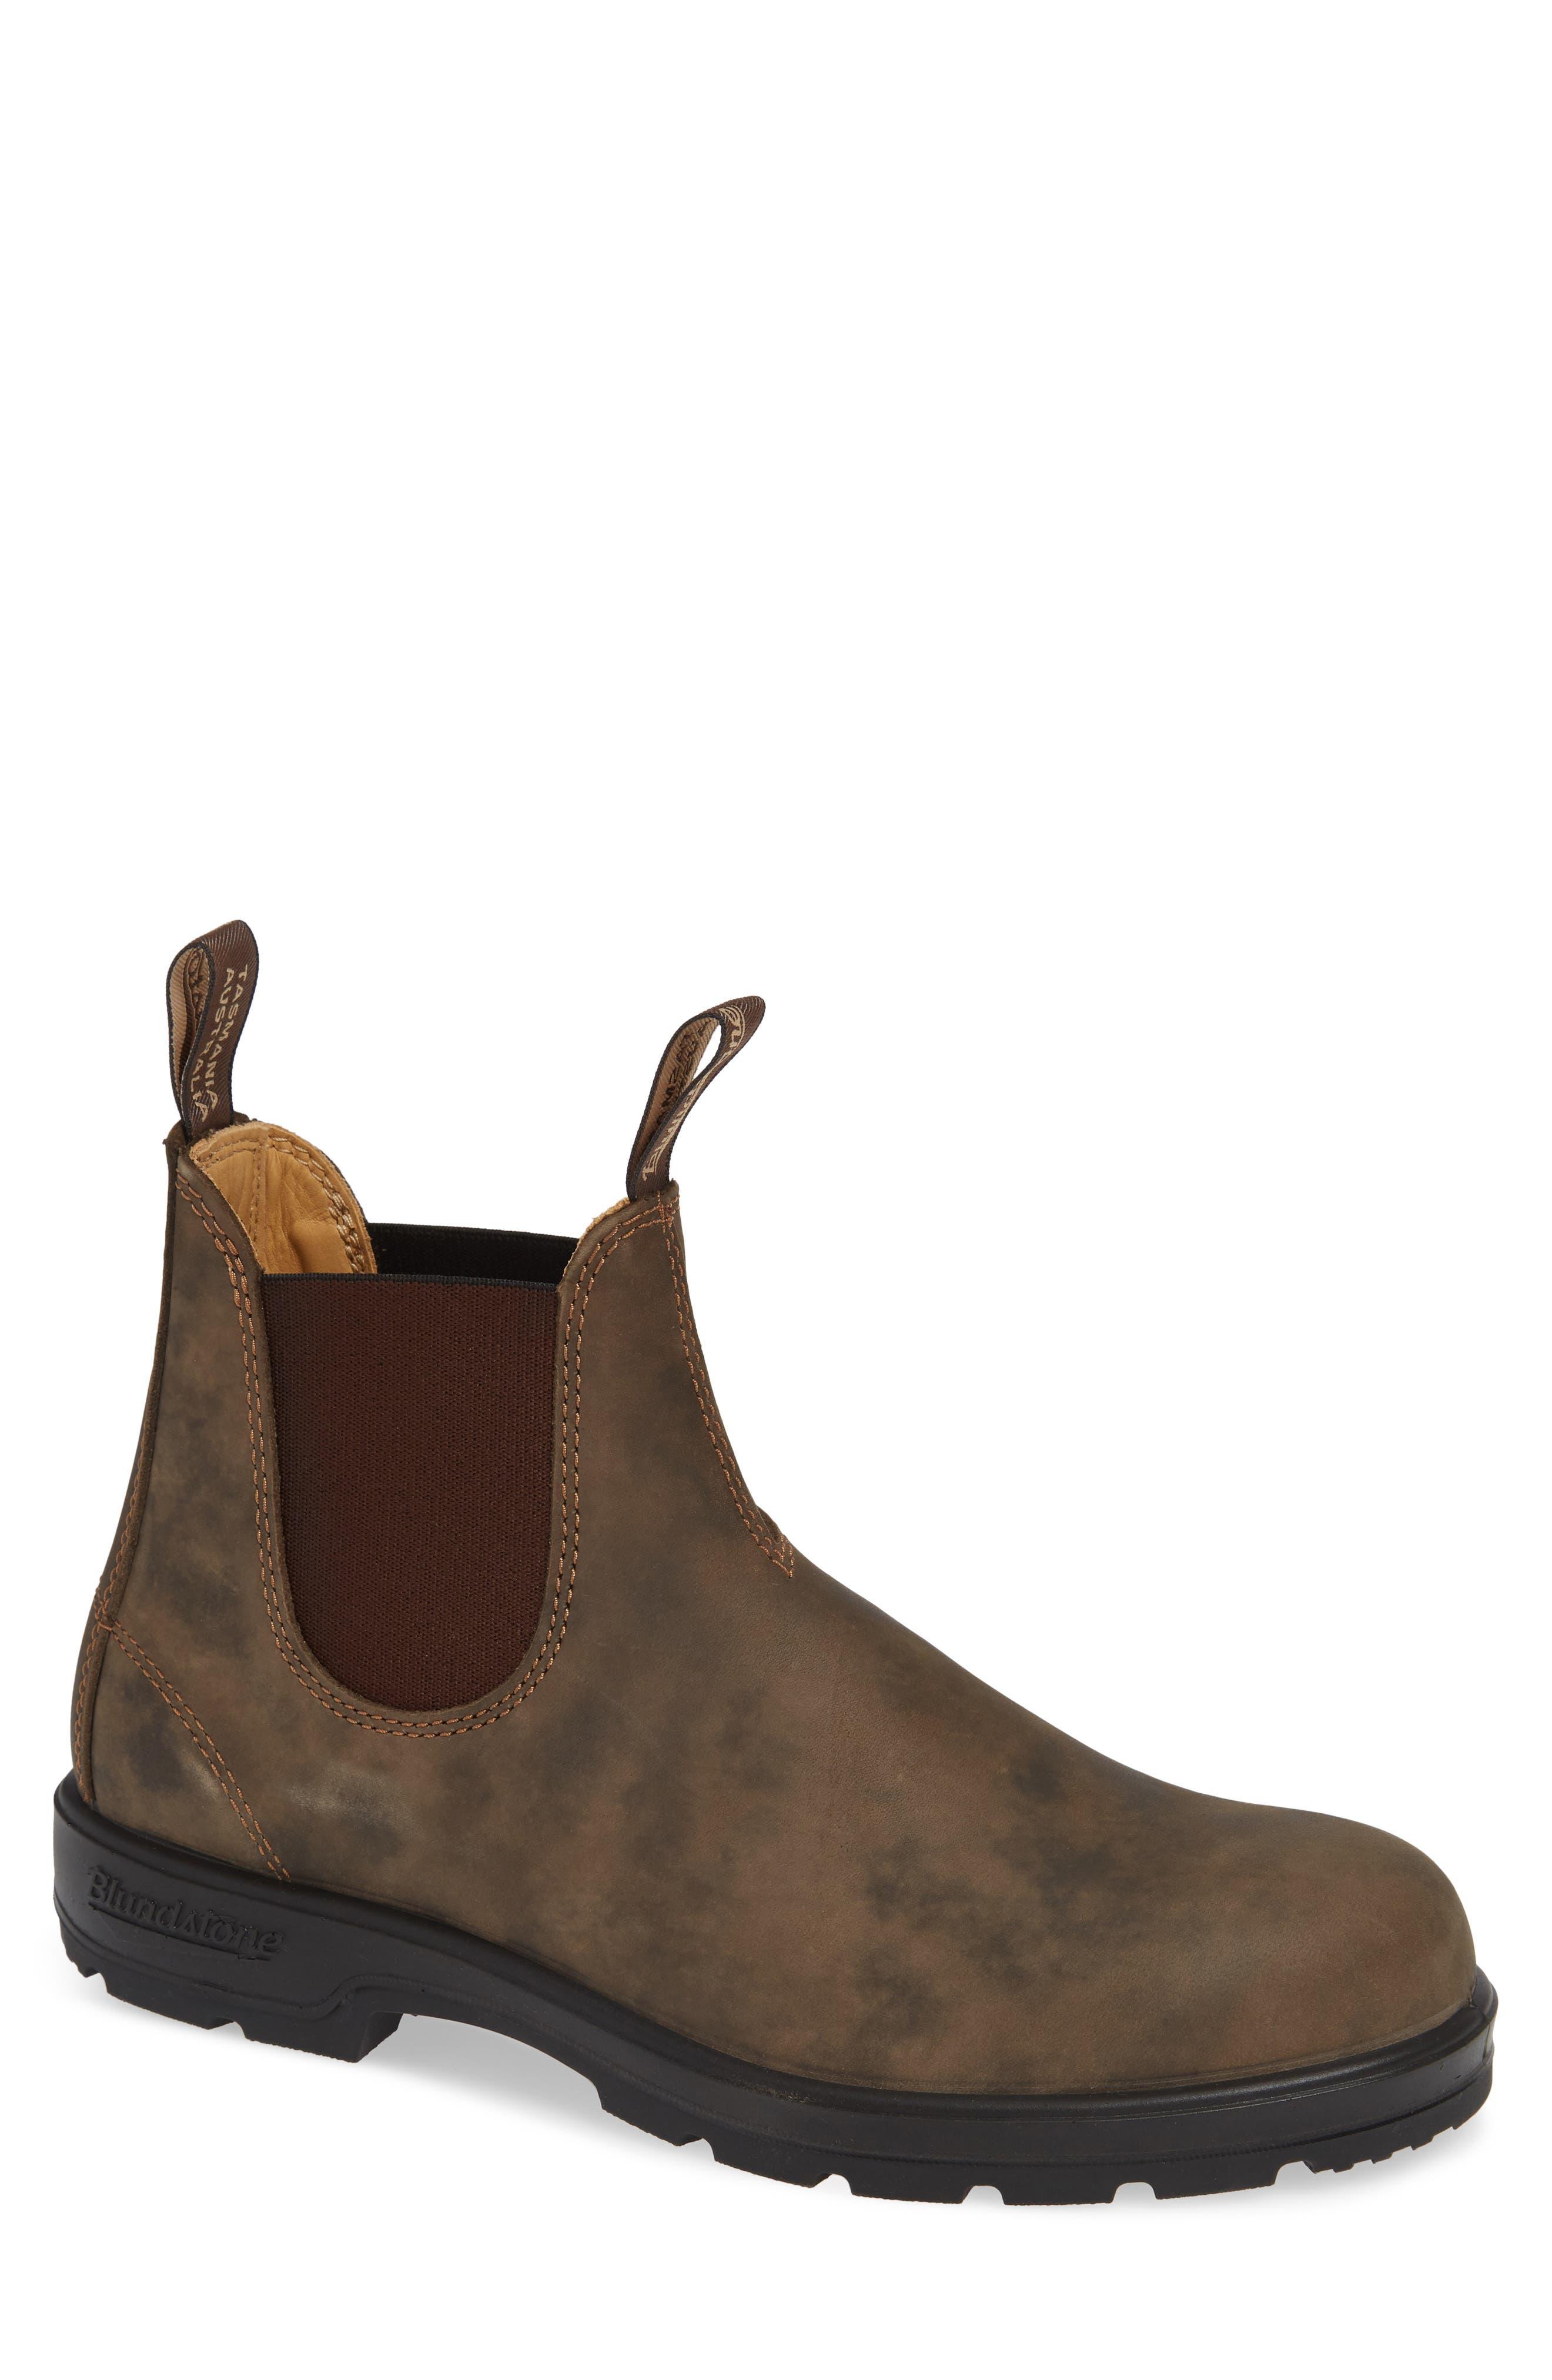 Chelsea Boot,                         Main,                         color, RUSTIC BROWN